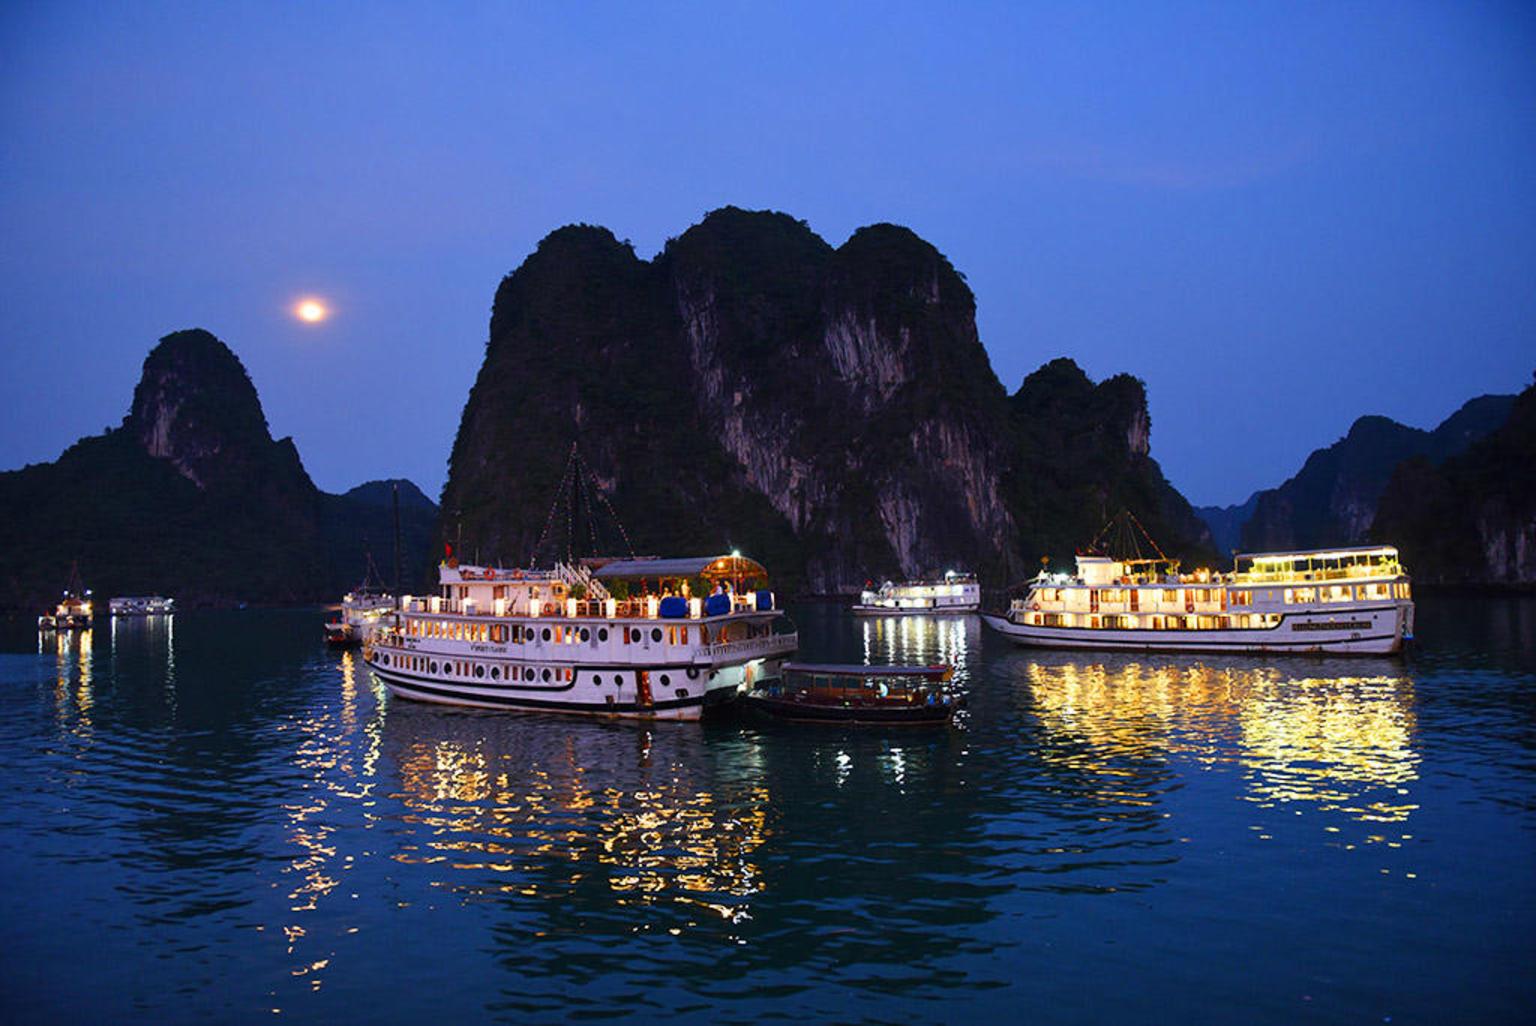 MÁS FOTOS, Crucero de lujo de 2 días en junco por la bahía de Halong con clase de cocina y tai chi por la mañana